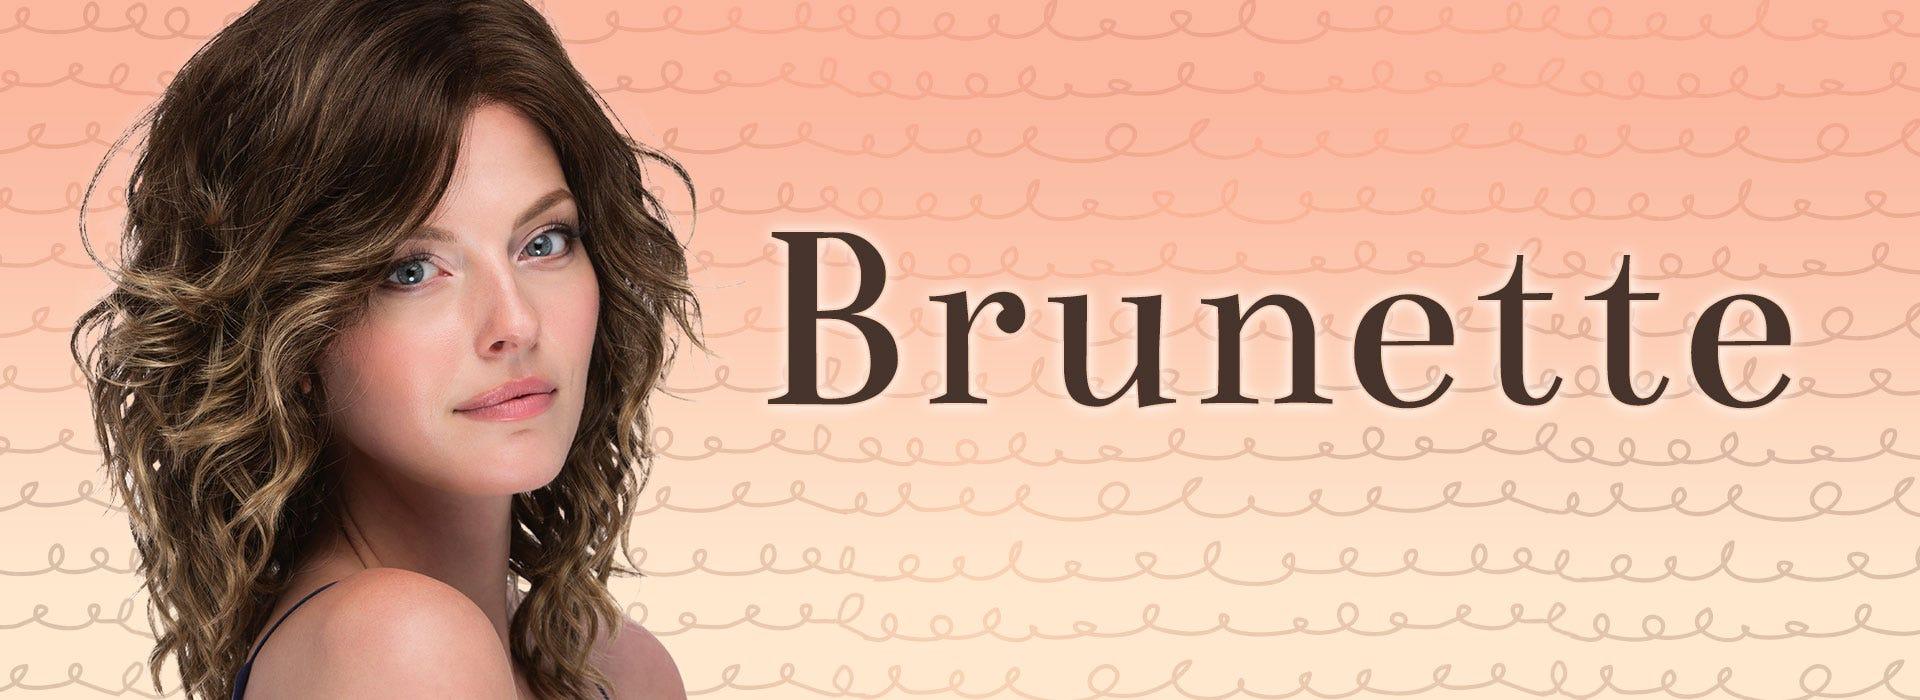 Brunette Wigs - Style Shown: Finn Lace Front Wig by Estetica in TOFFEE-LATTE